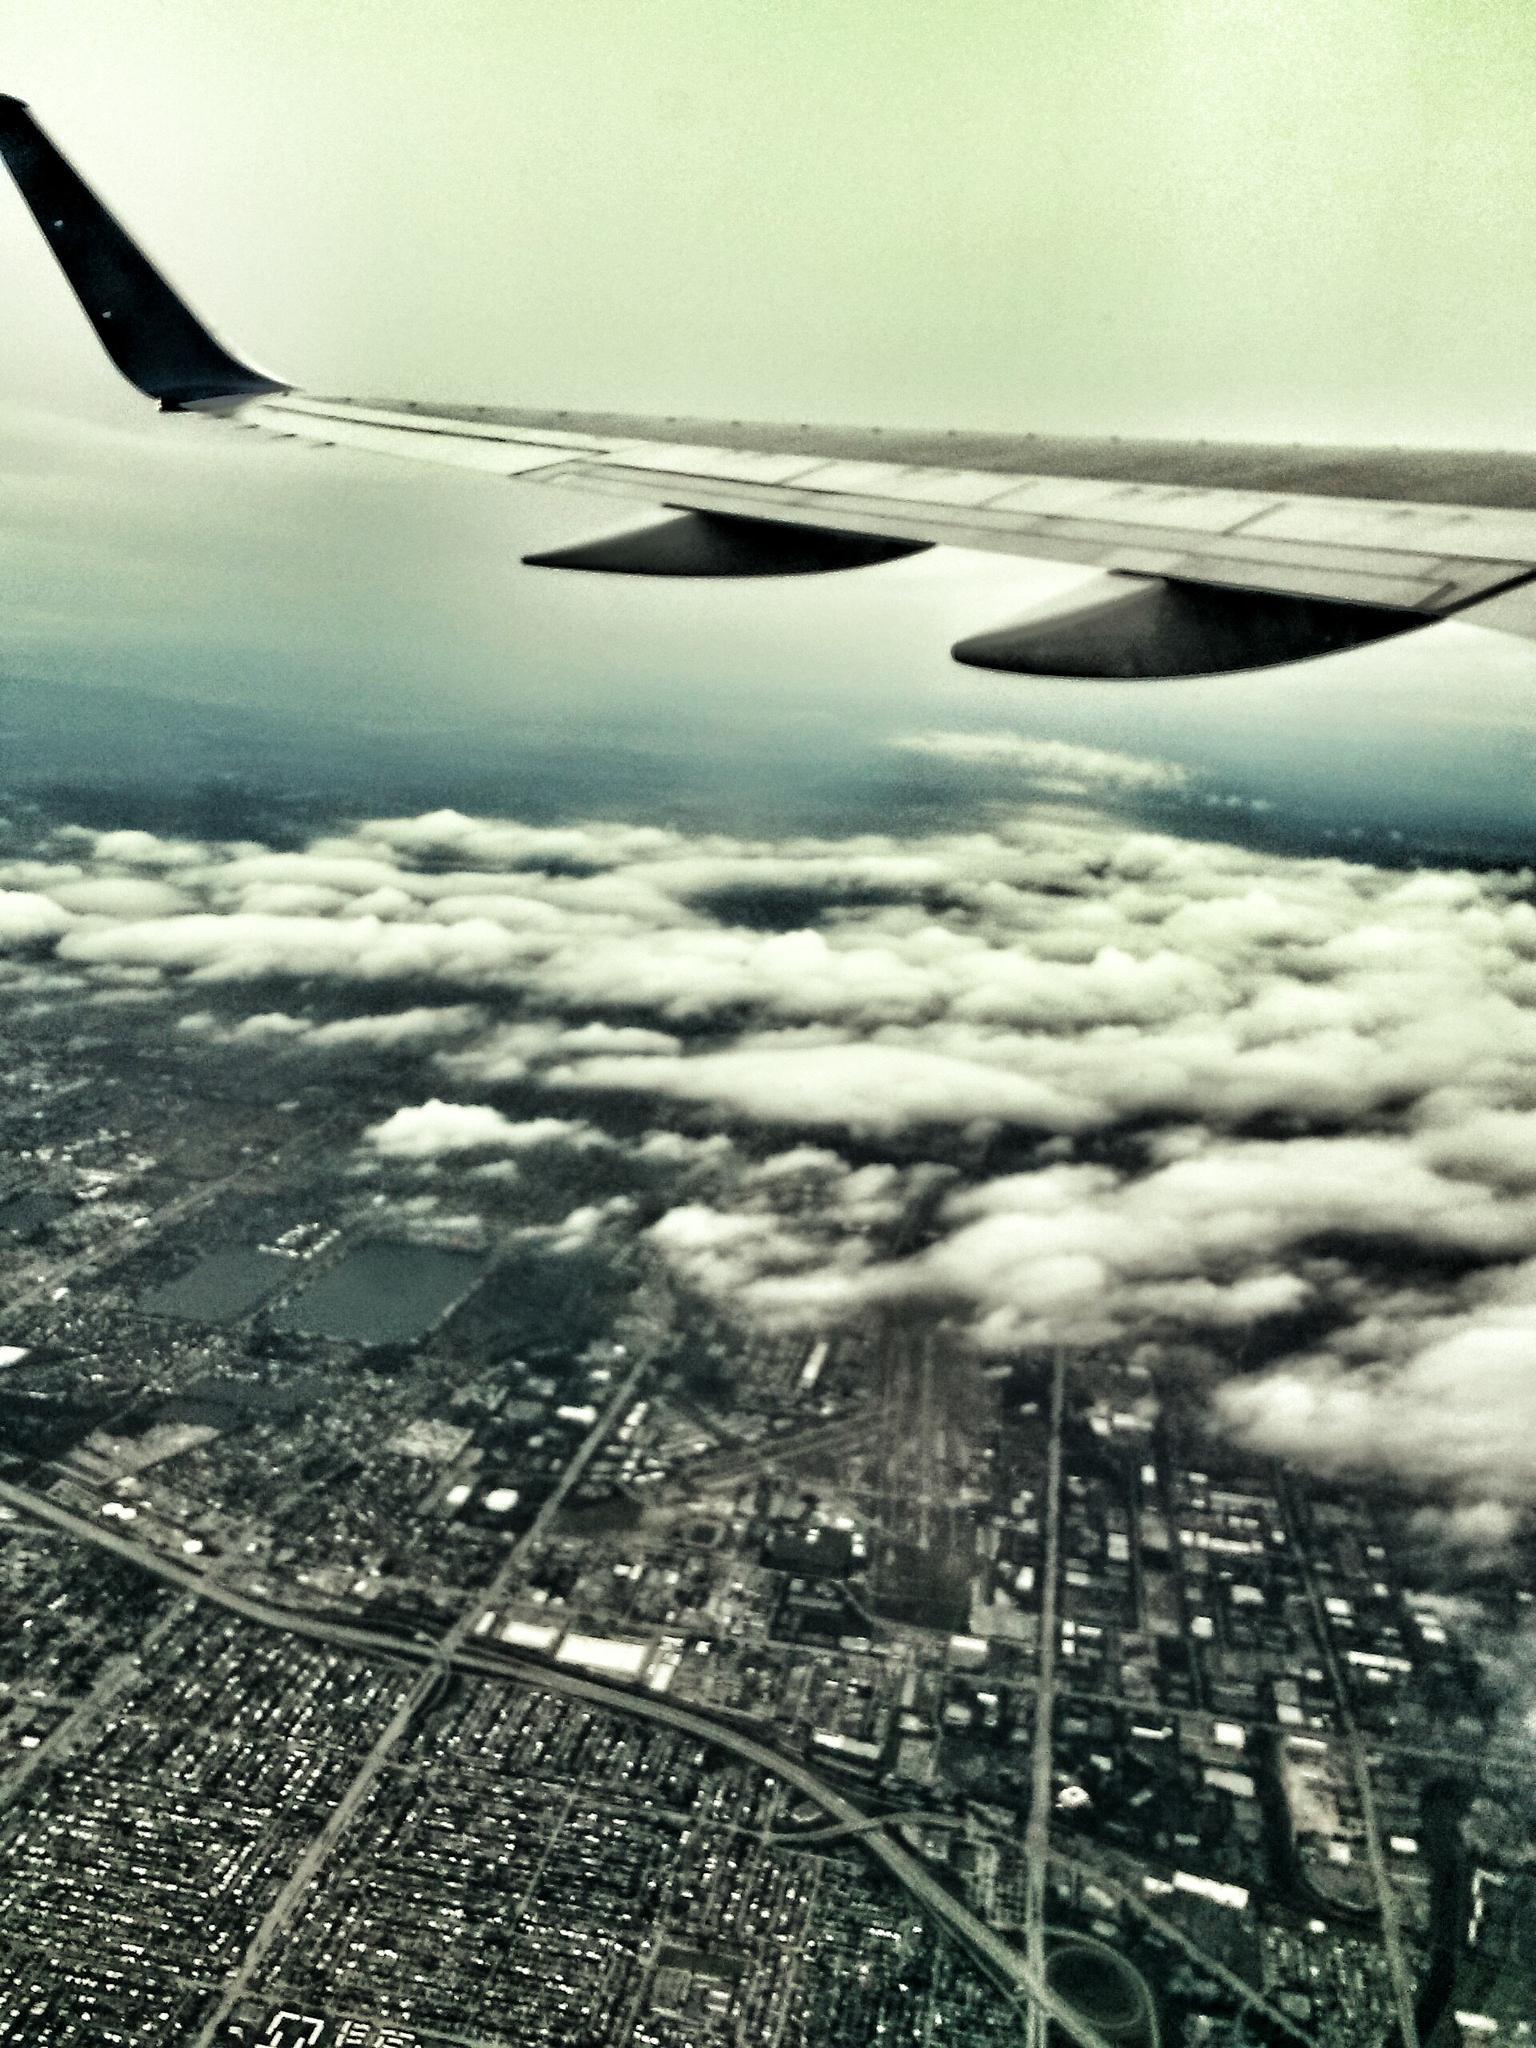 Warm Skies by JoeyZ